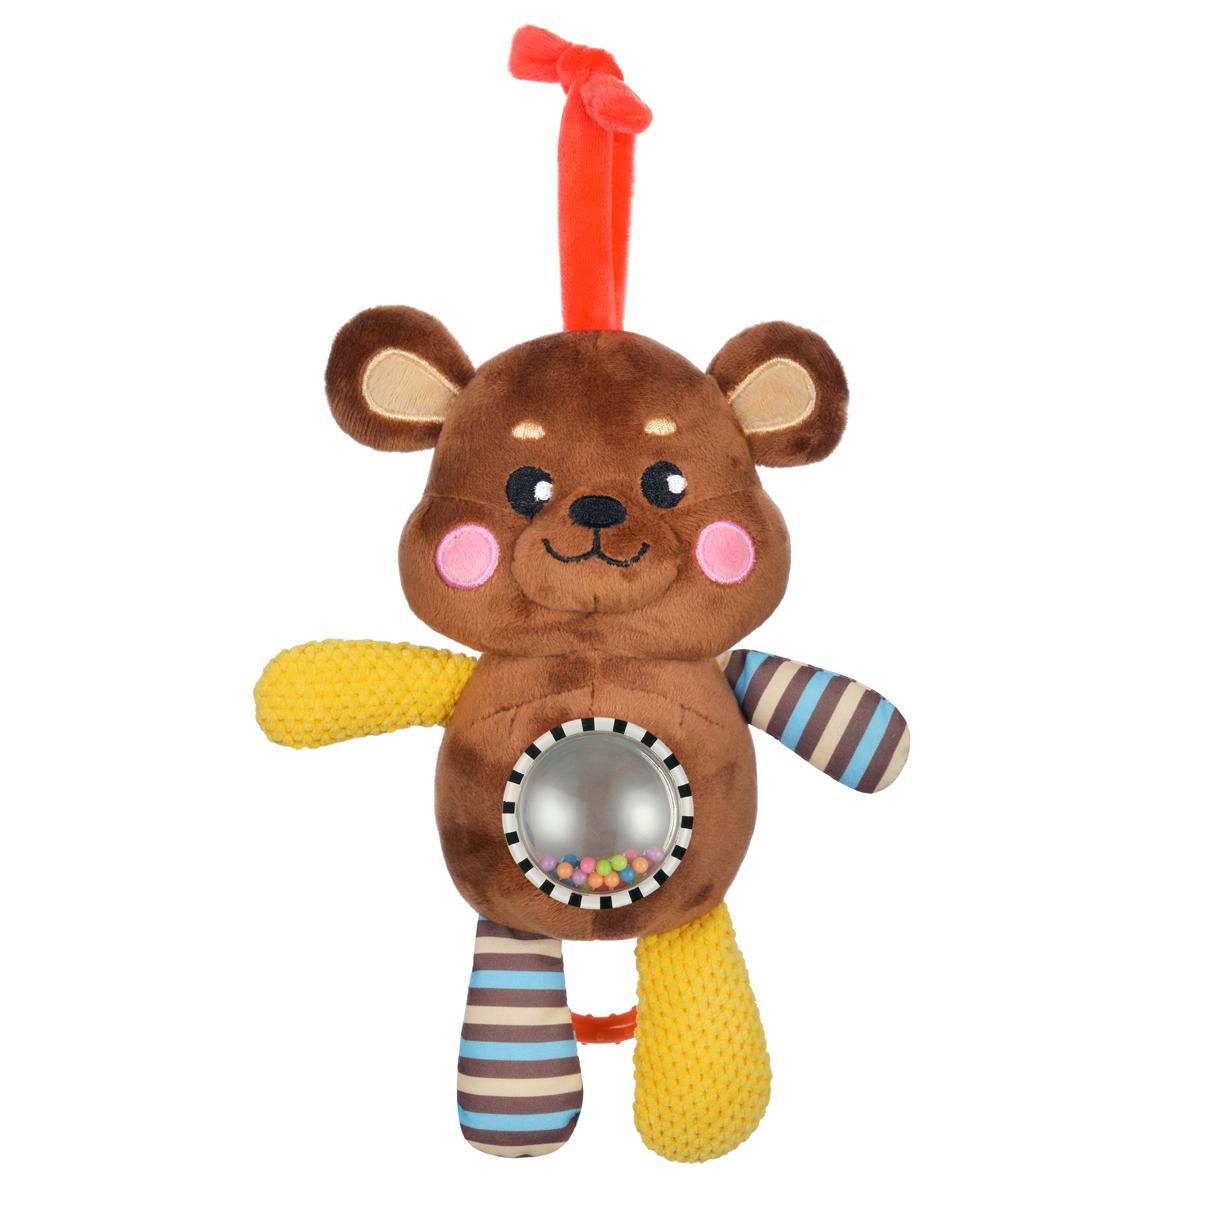 Игры и игрушки в дорогу Жирафики Мишка игры и игрушки в дорогу жирафики подвеска книжка с шуршалкой зайка полли